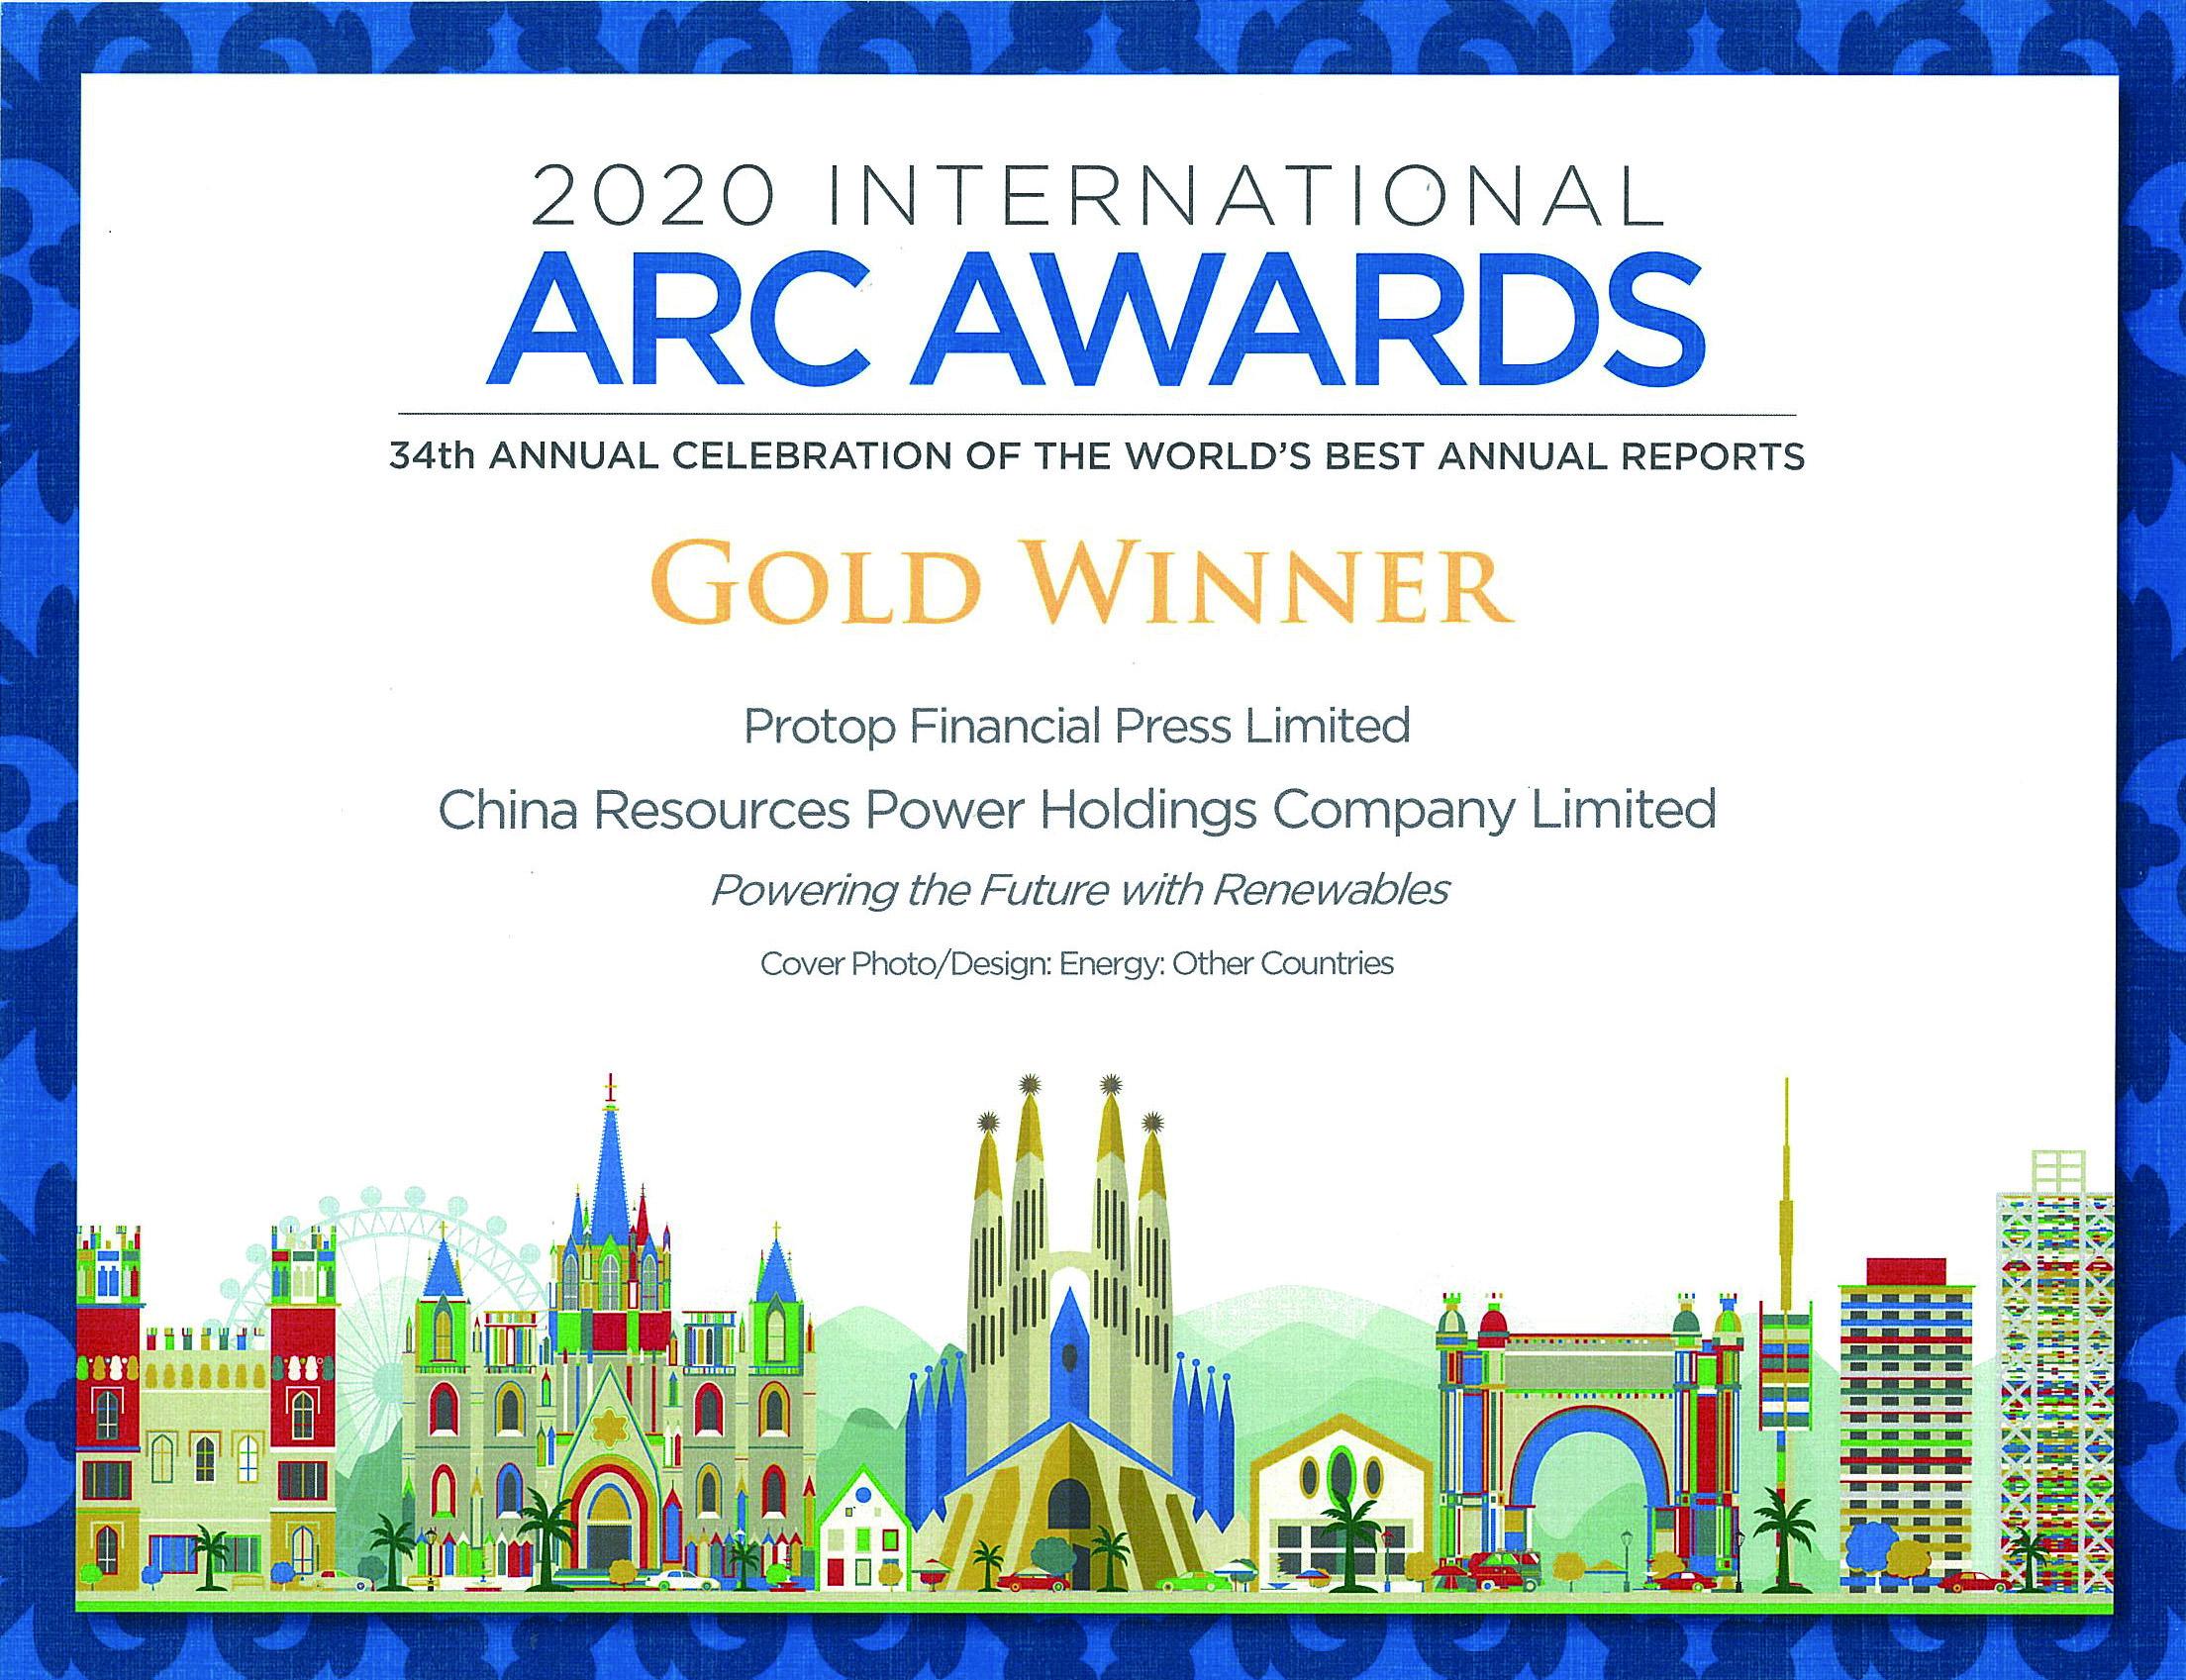 华润电力控股有限公司 2020 Gold Award Other Countries